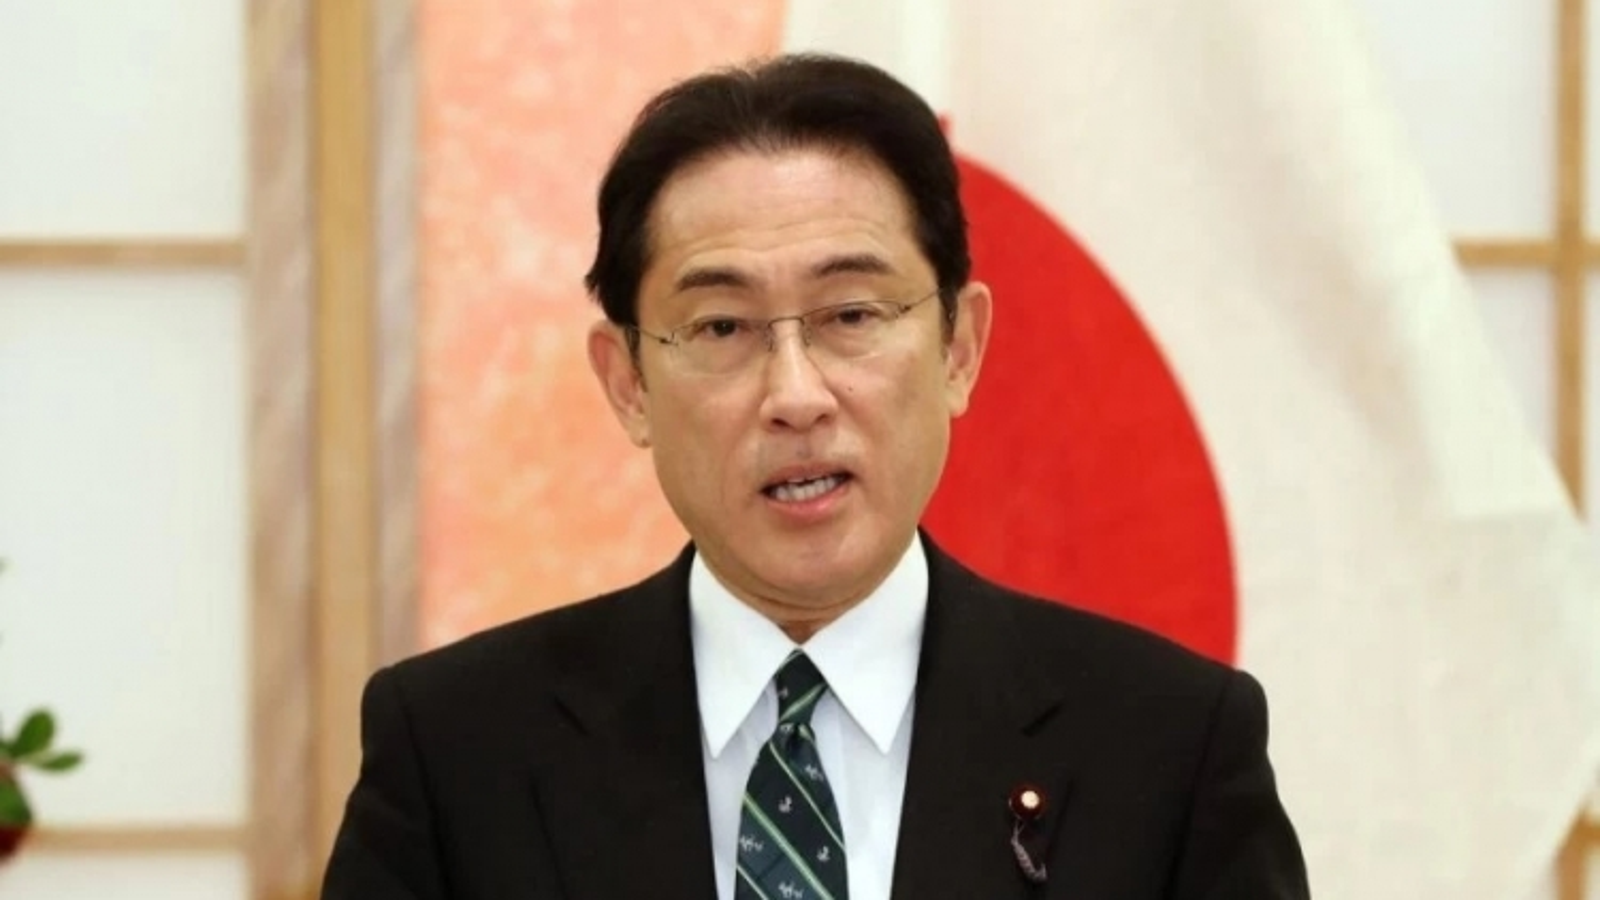 Tân Thủ tướng Nhật Bản Kishida Fumio có cuộc điện đàm đầu tiên với Tổng thống Mỹ Biden